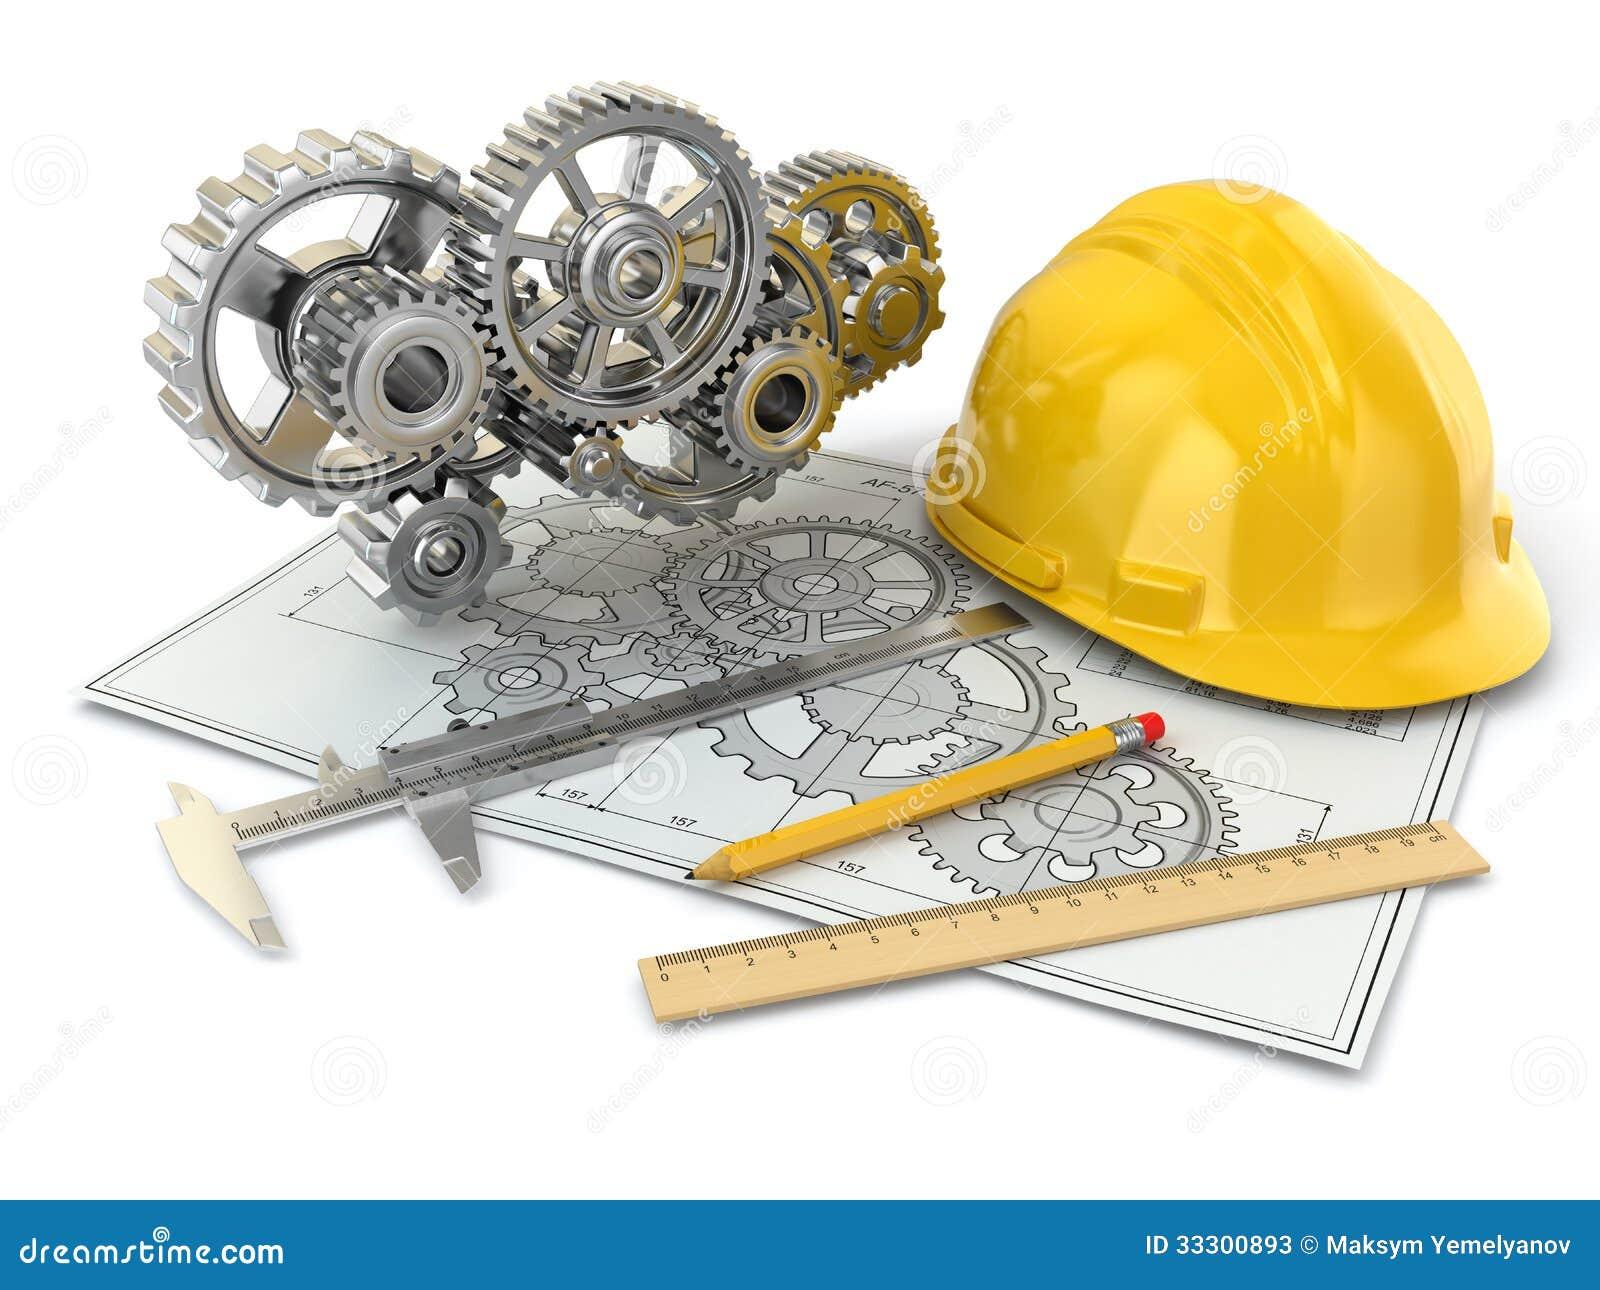 Disegno di ingegneria. Ingranaggio, elmetto protettivo, matita e progetto.